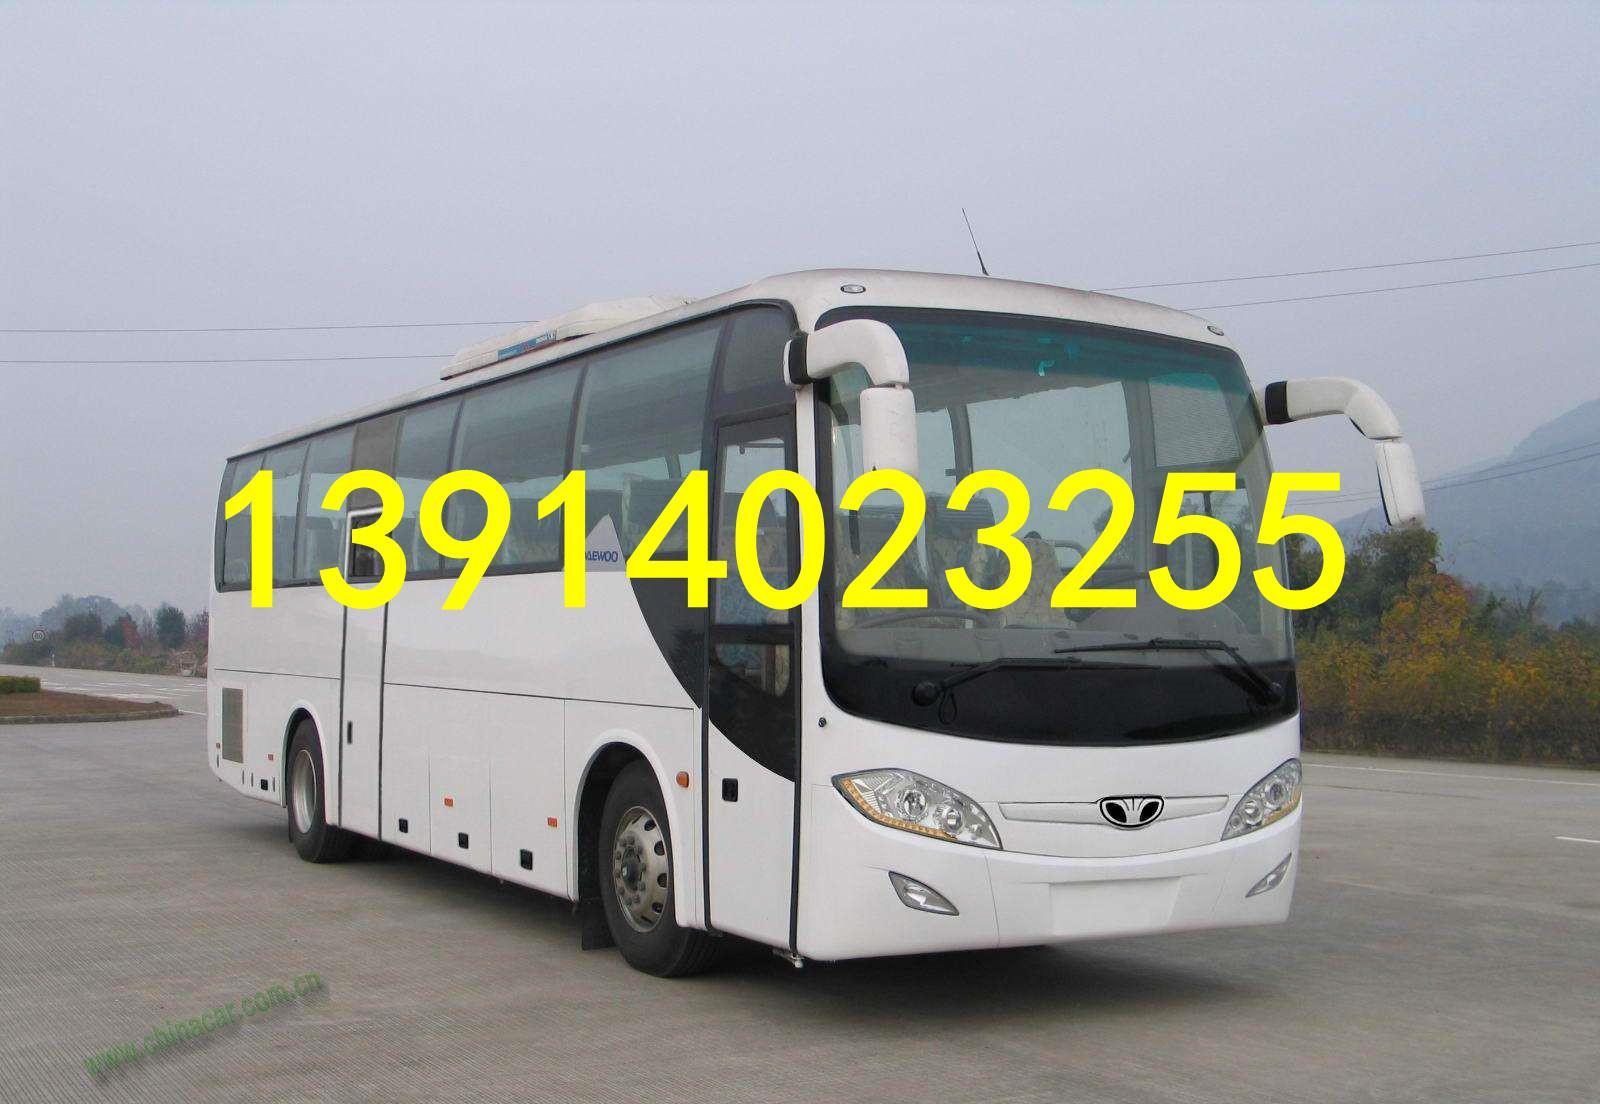 吴江到阳泉直达客车(发车时刻表)几小时+票价多少?13914023255